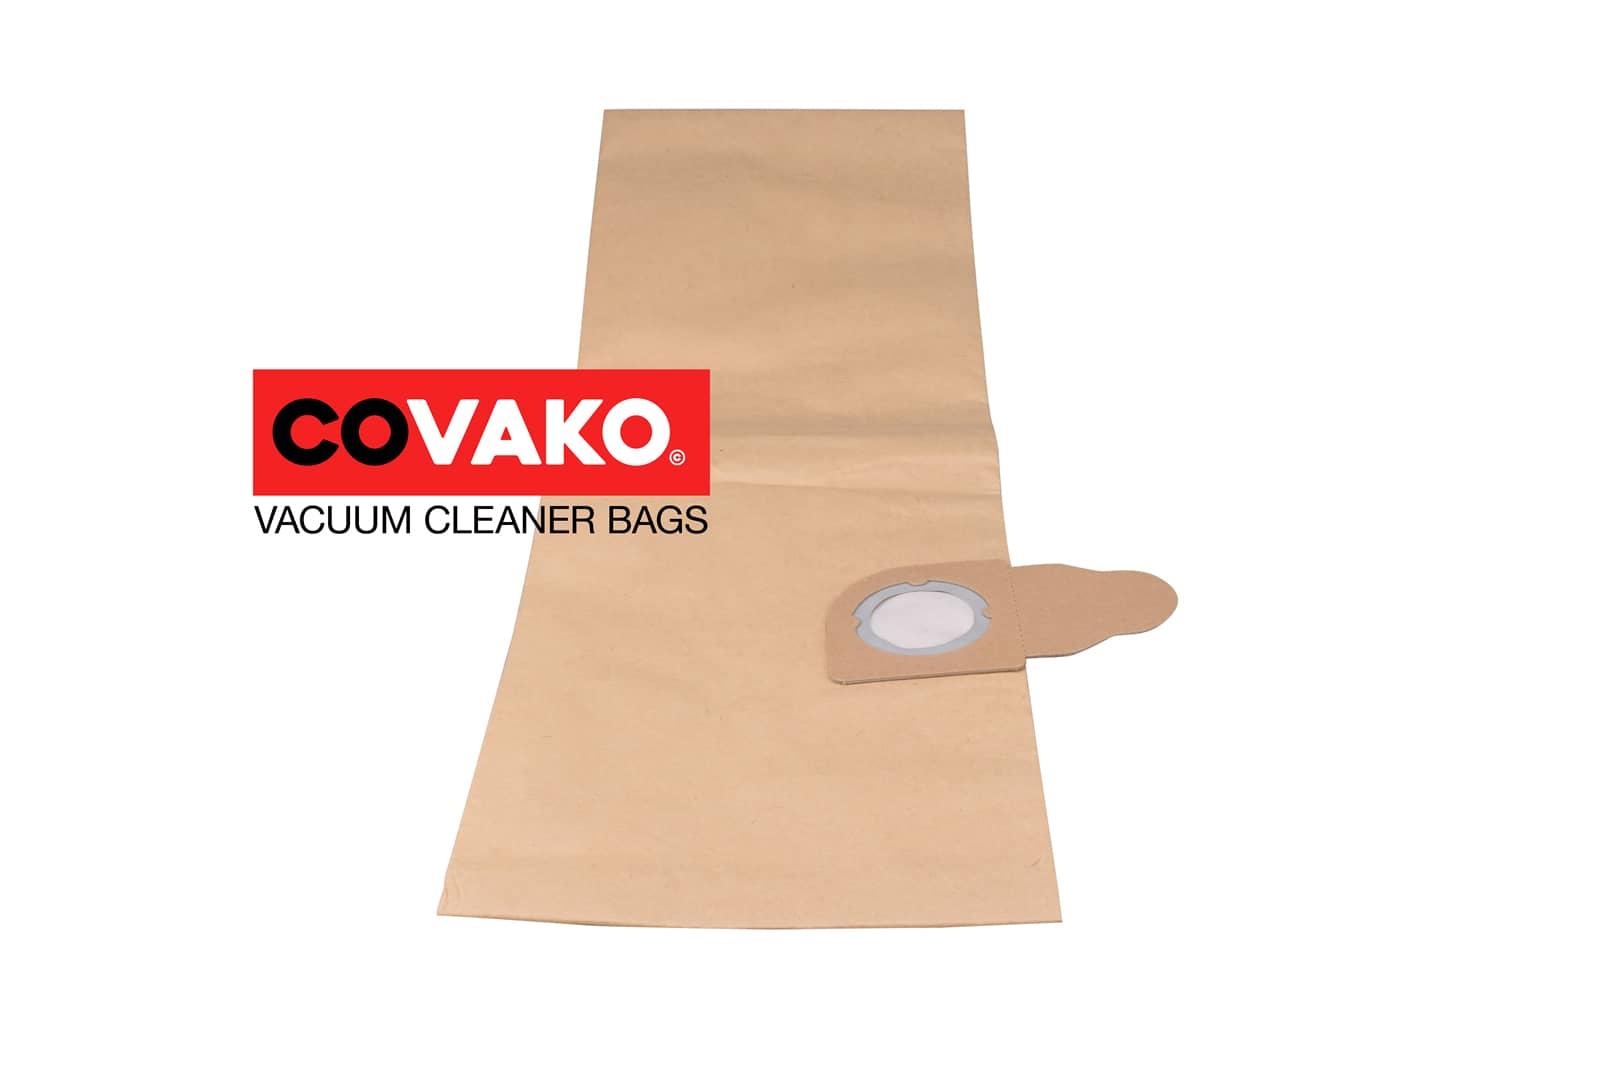 Alto Aero 640 / Papier - Alto sacs d'aspirateur